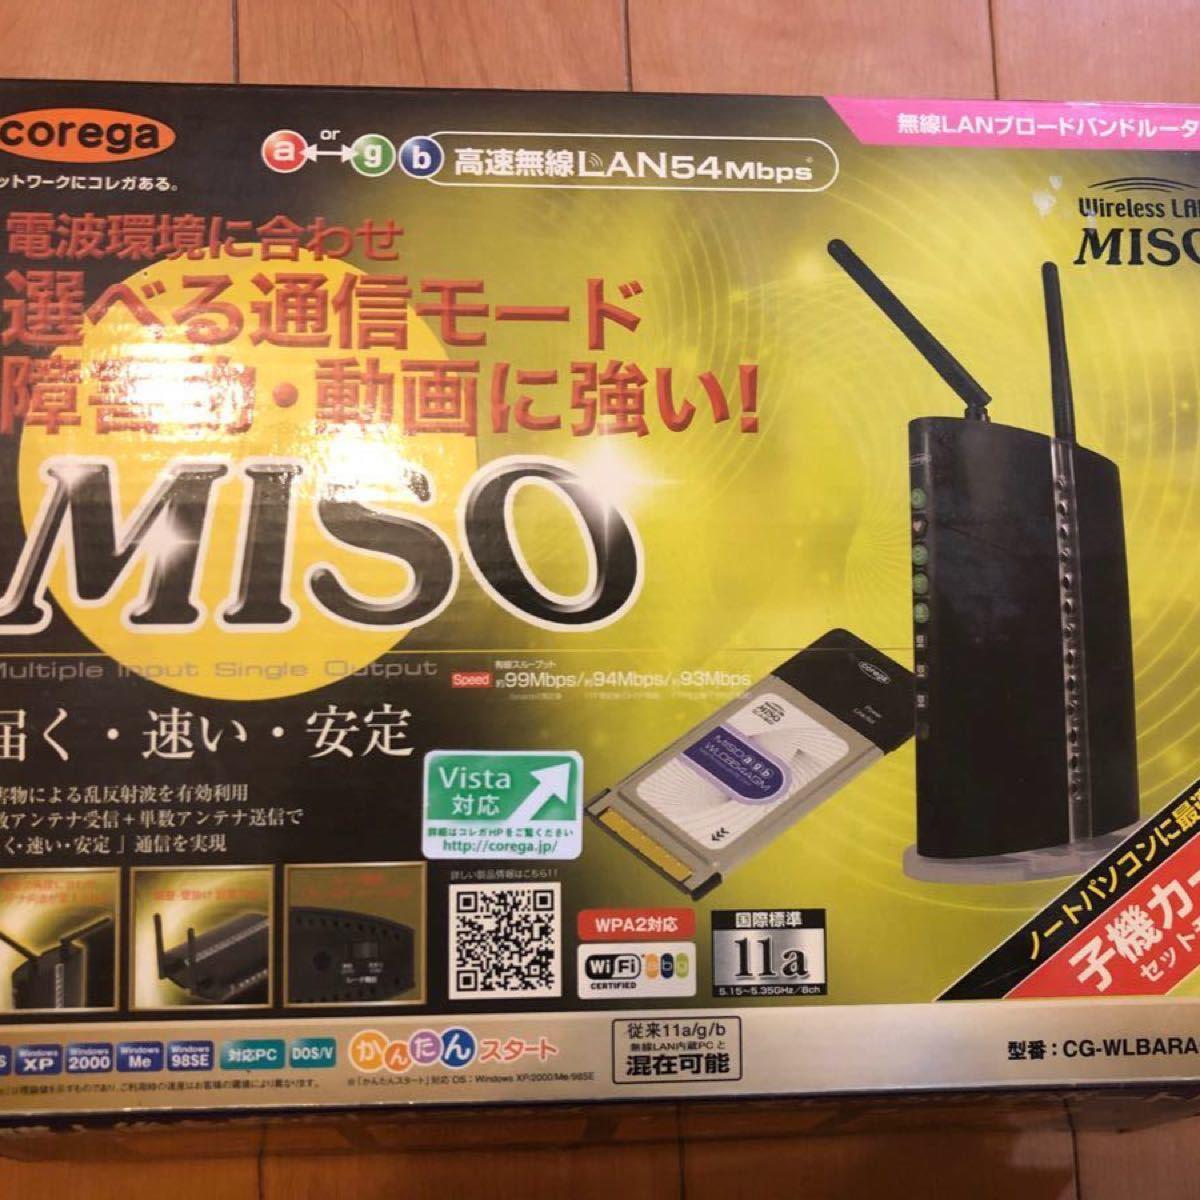 無線LANwifiルーター corega 無線LAN CG-WLBARAGM-P+子機カード